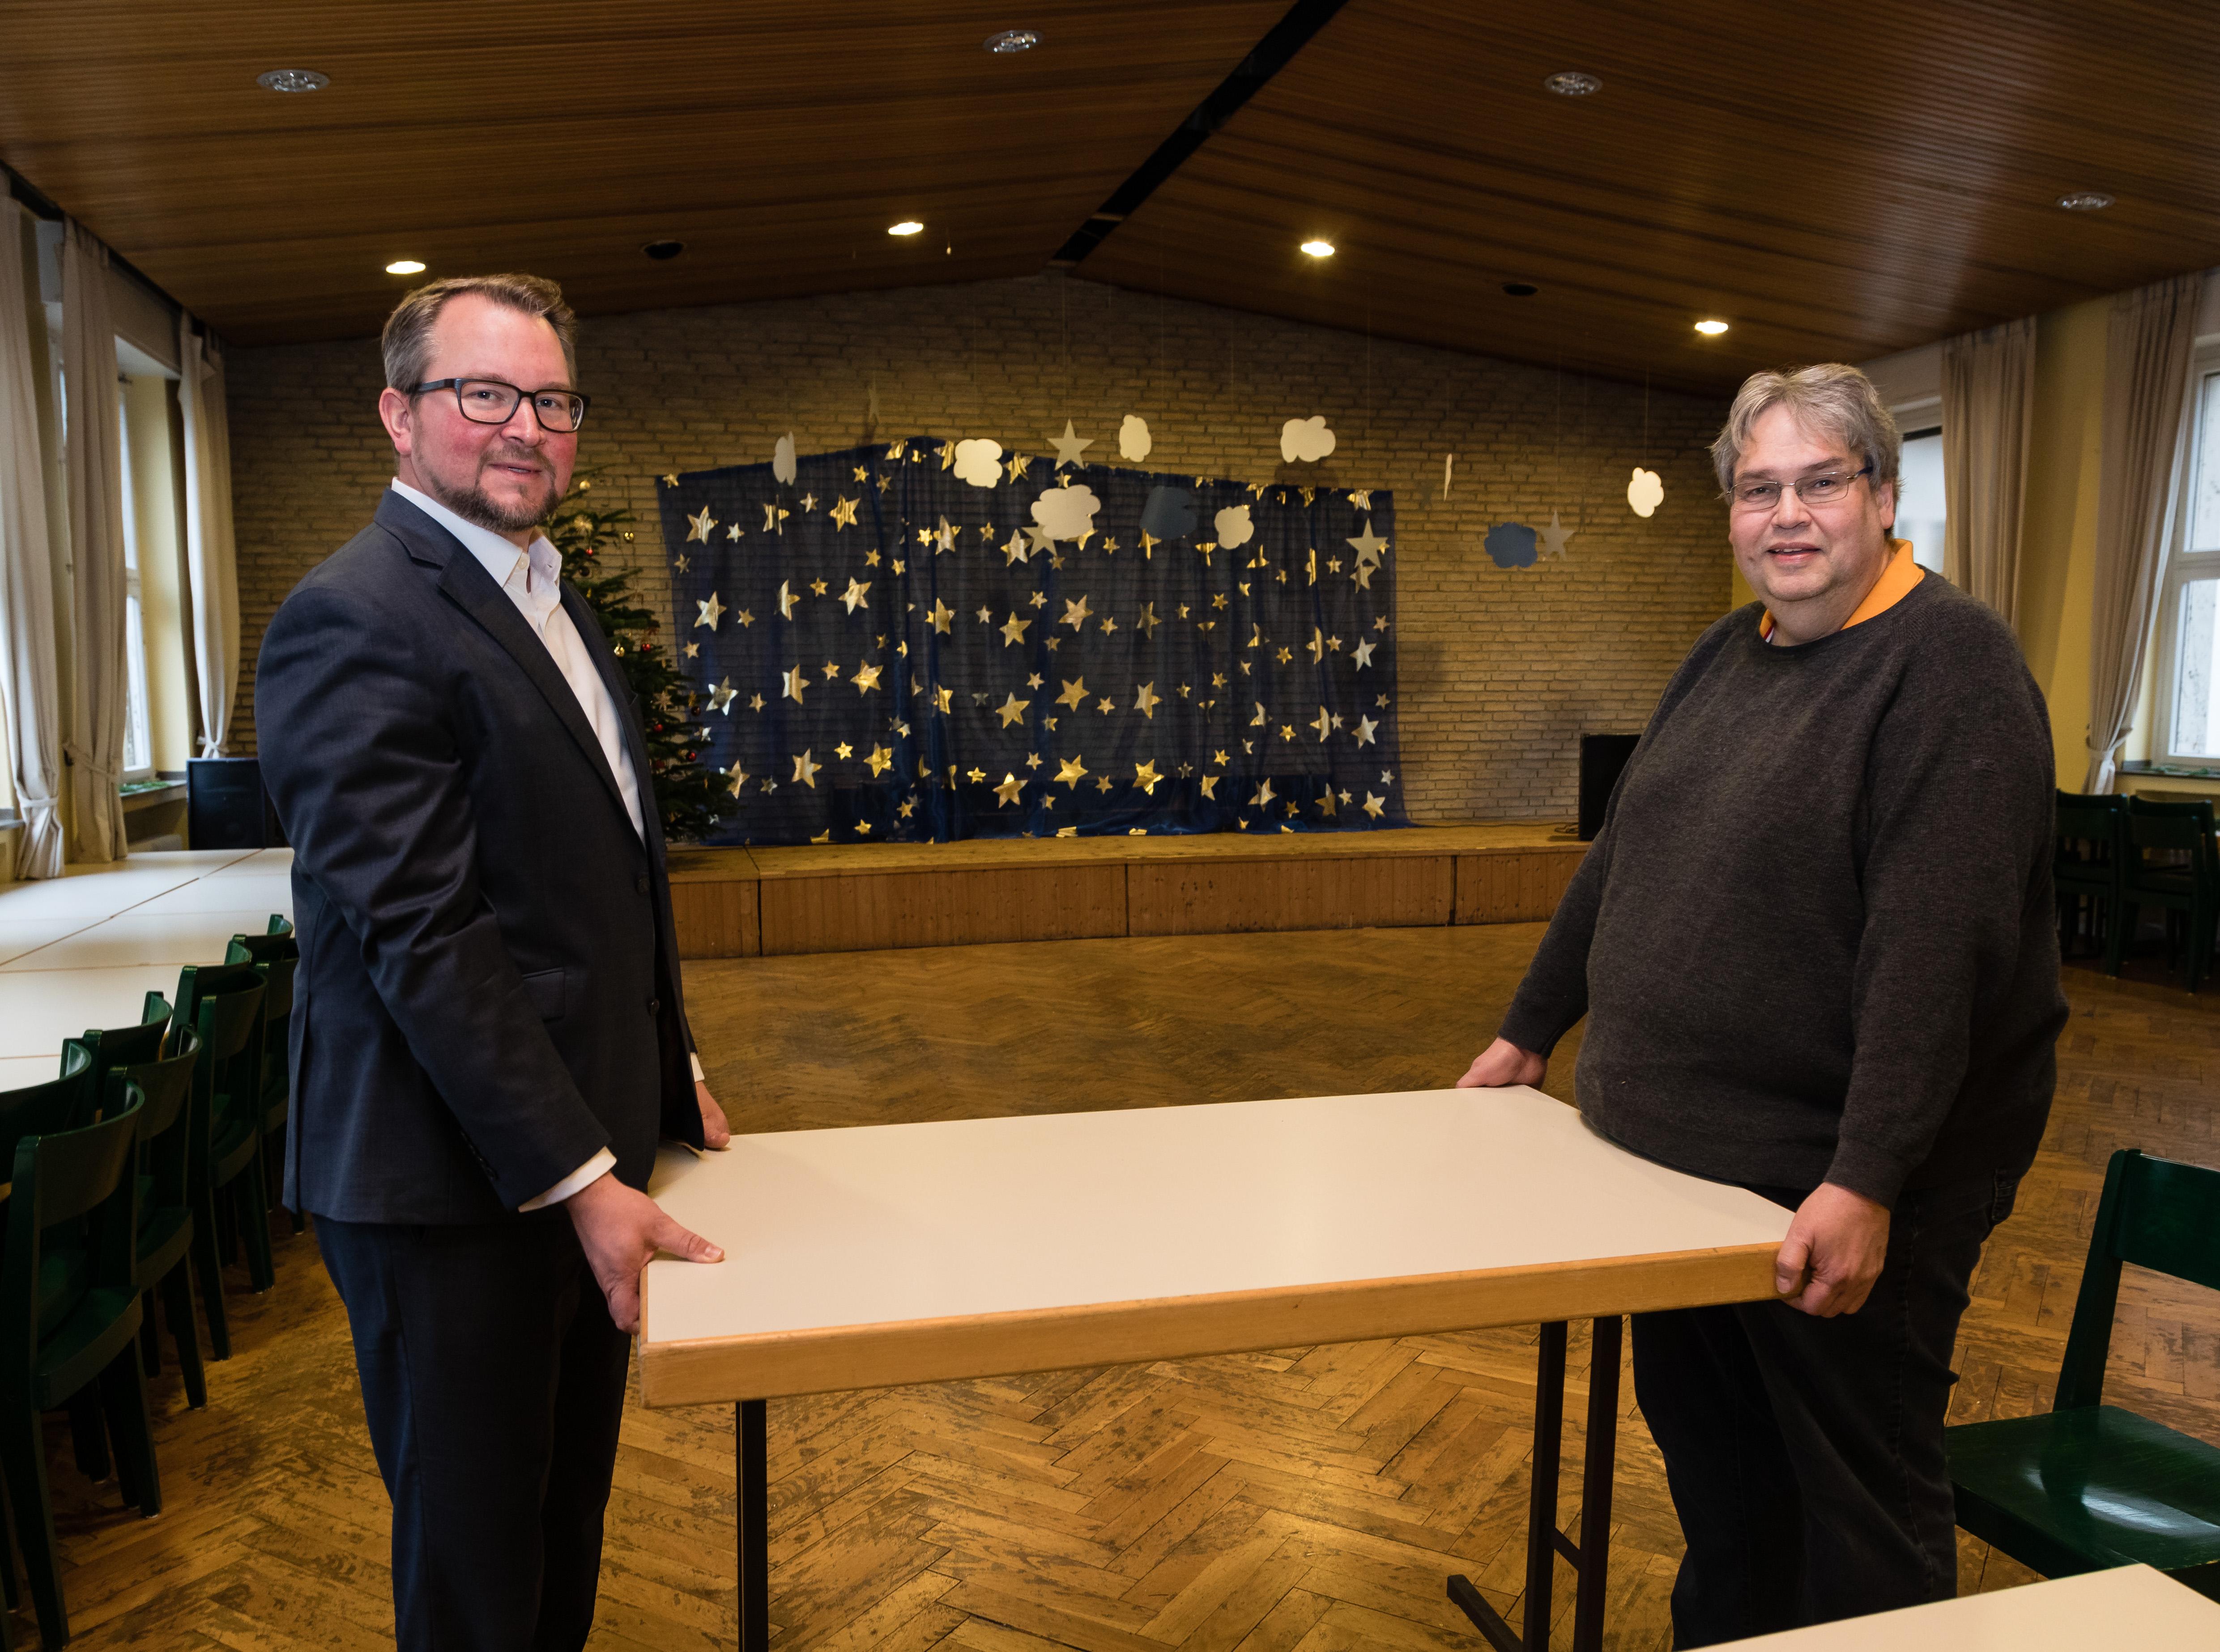 Eetbank En Tafel : ▷ targobank unterstützt duisburger tafel nach schwerem brand